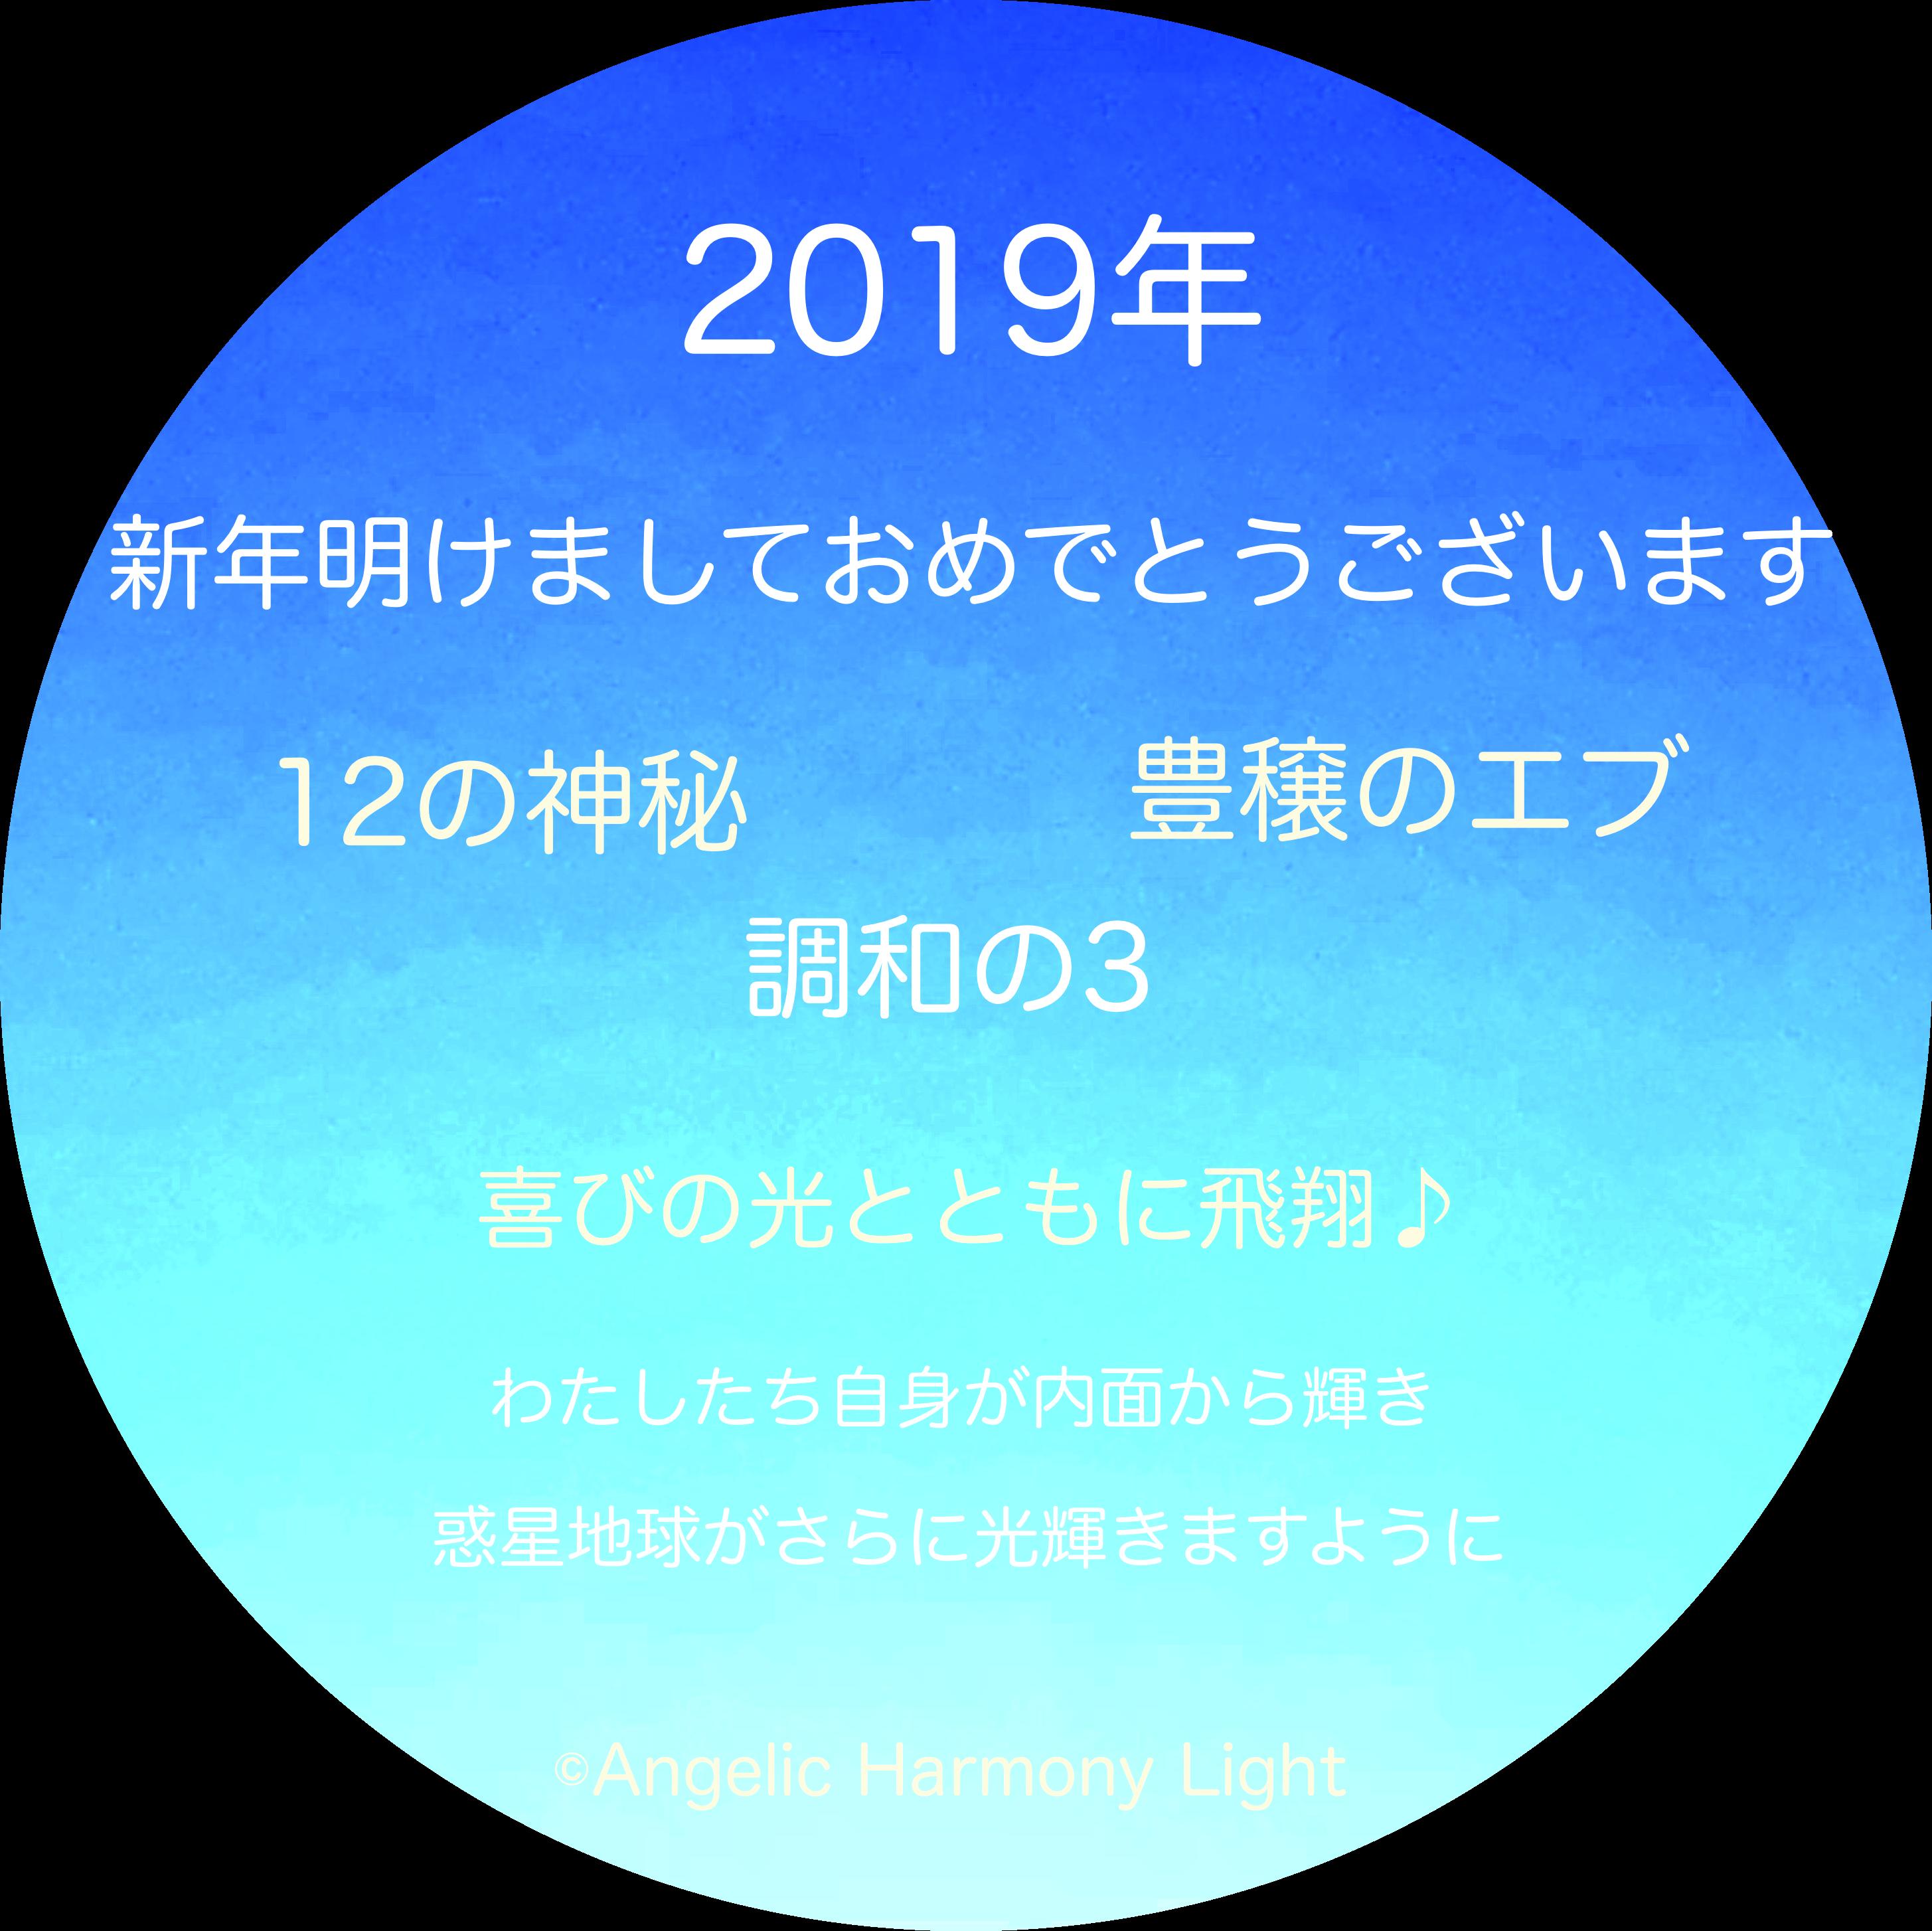 2019年明けましておめでとうございます